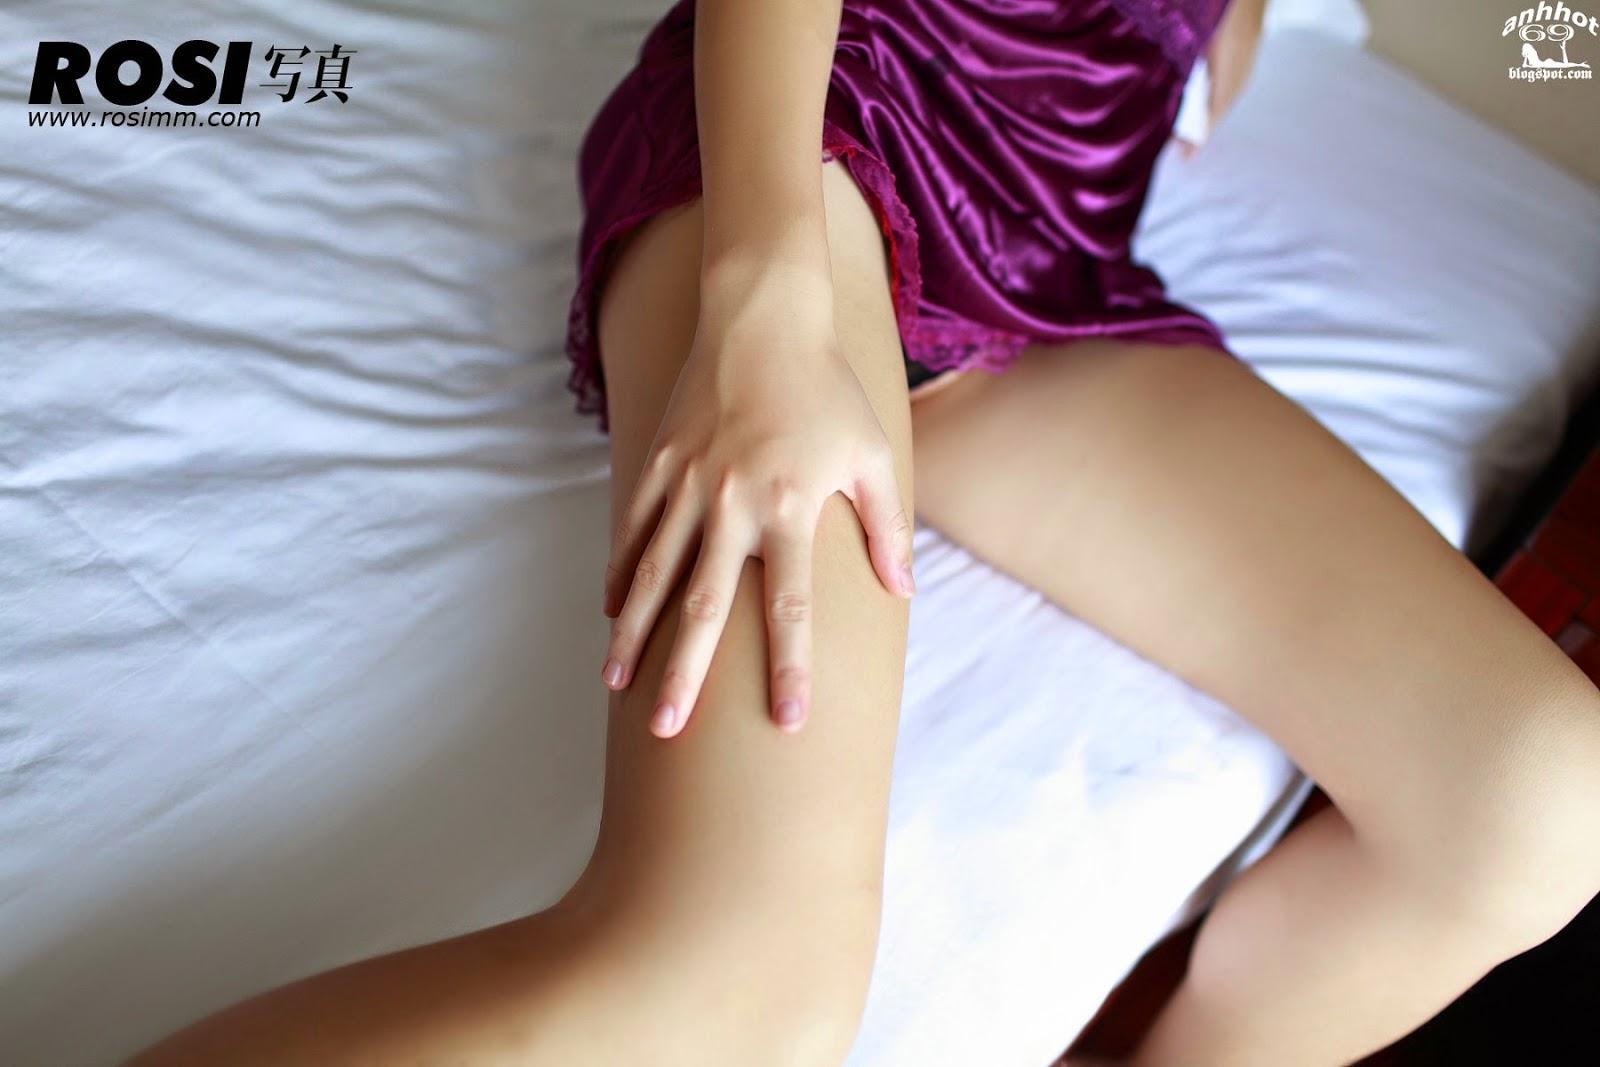 model_girl-rosi-01107689